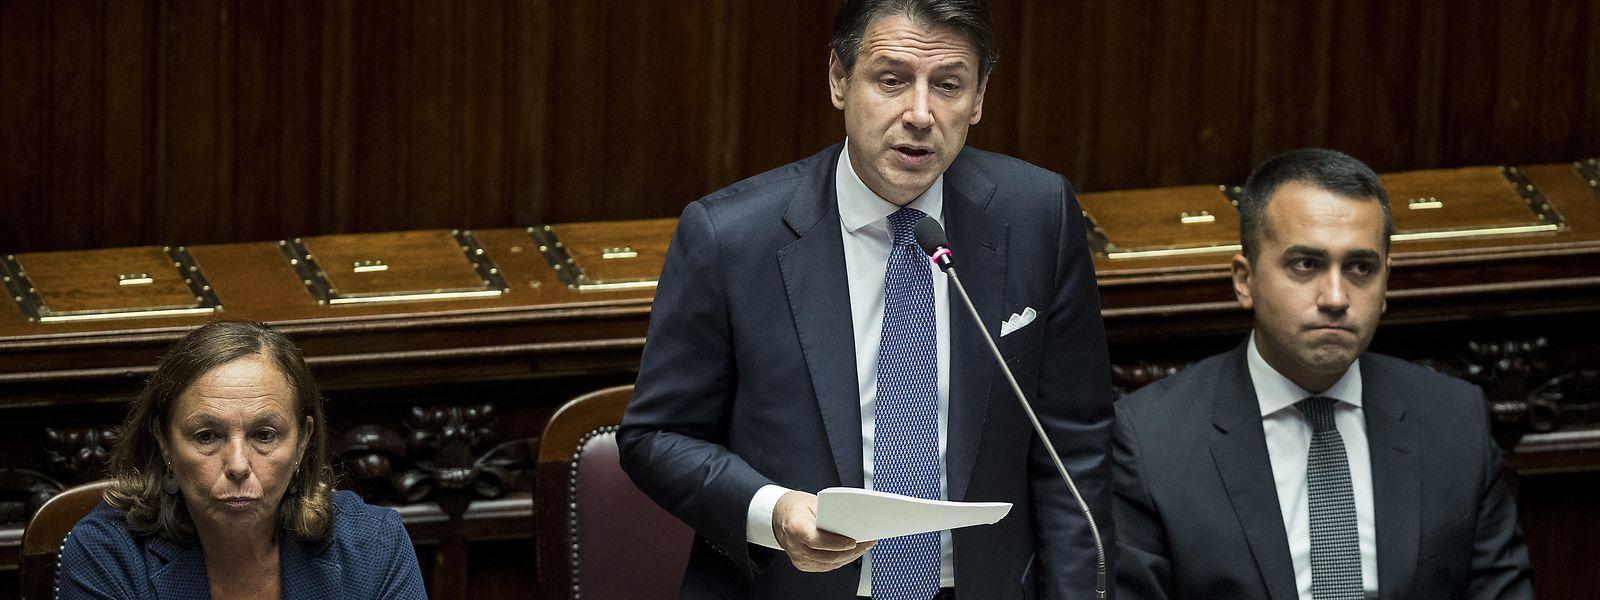 Vor dem entscheidenden Vertrauensvotum bat Conte das Parlament um Unterstützung seiner neuen linken Koalition.